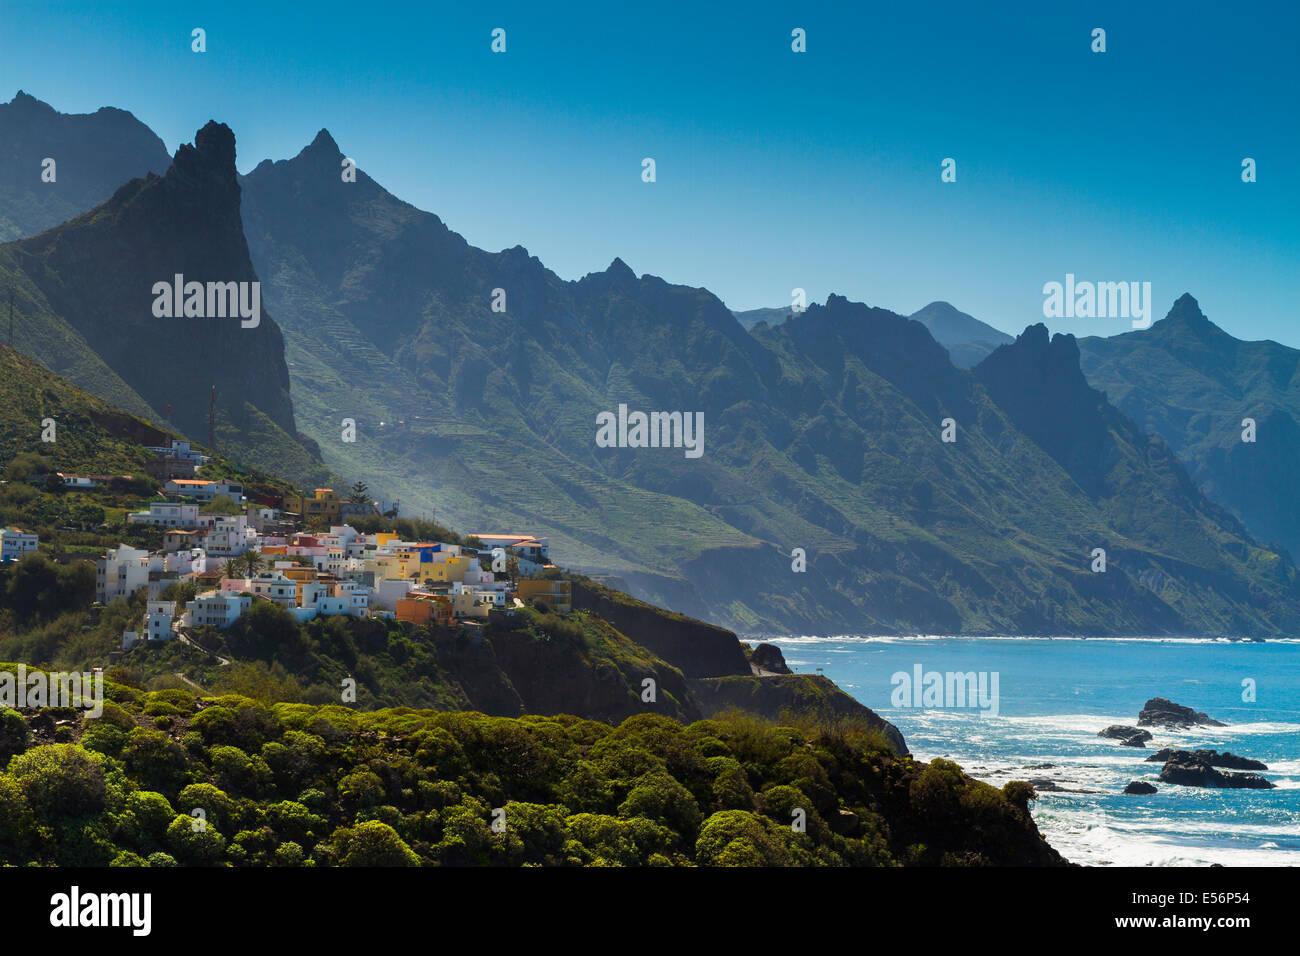 Taganaga village y acantilados. Santa Cruz de Tenerife, Tenerife, Islas Canarias, en el Océano Atlántico, Imagen De Stock